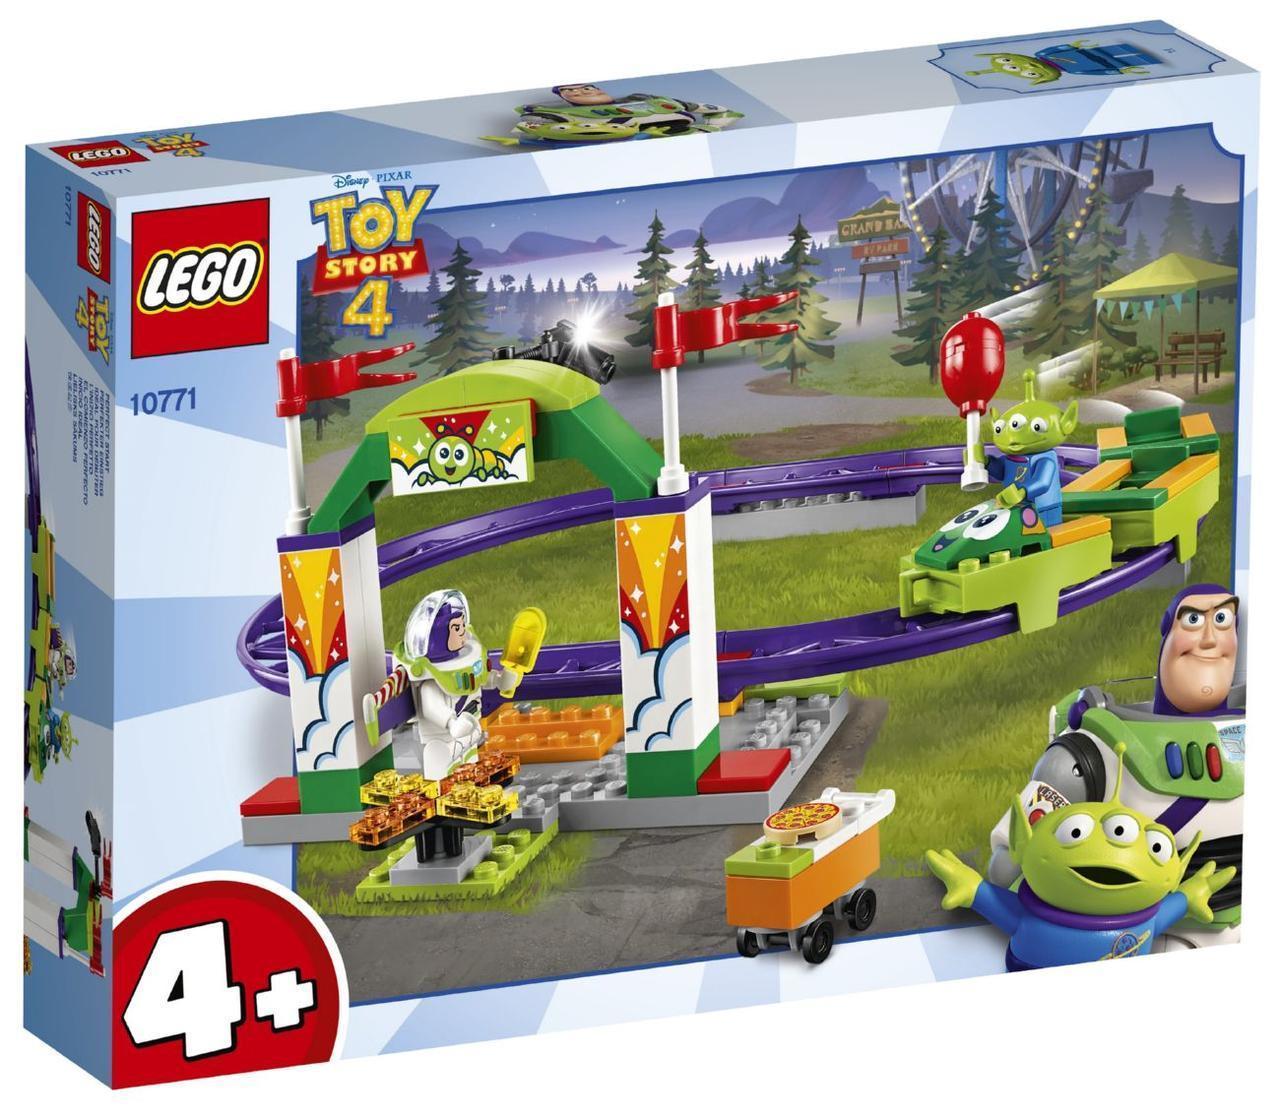 Lego Toy Story 4 Аттракцион «Паровозик» 10771